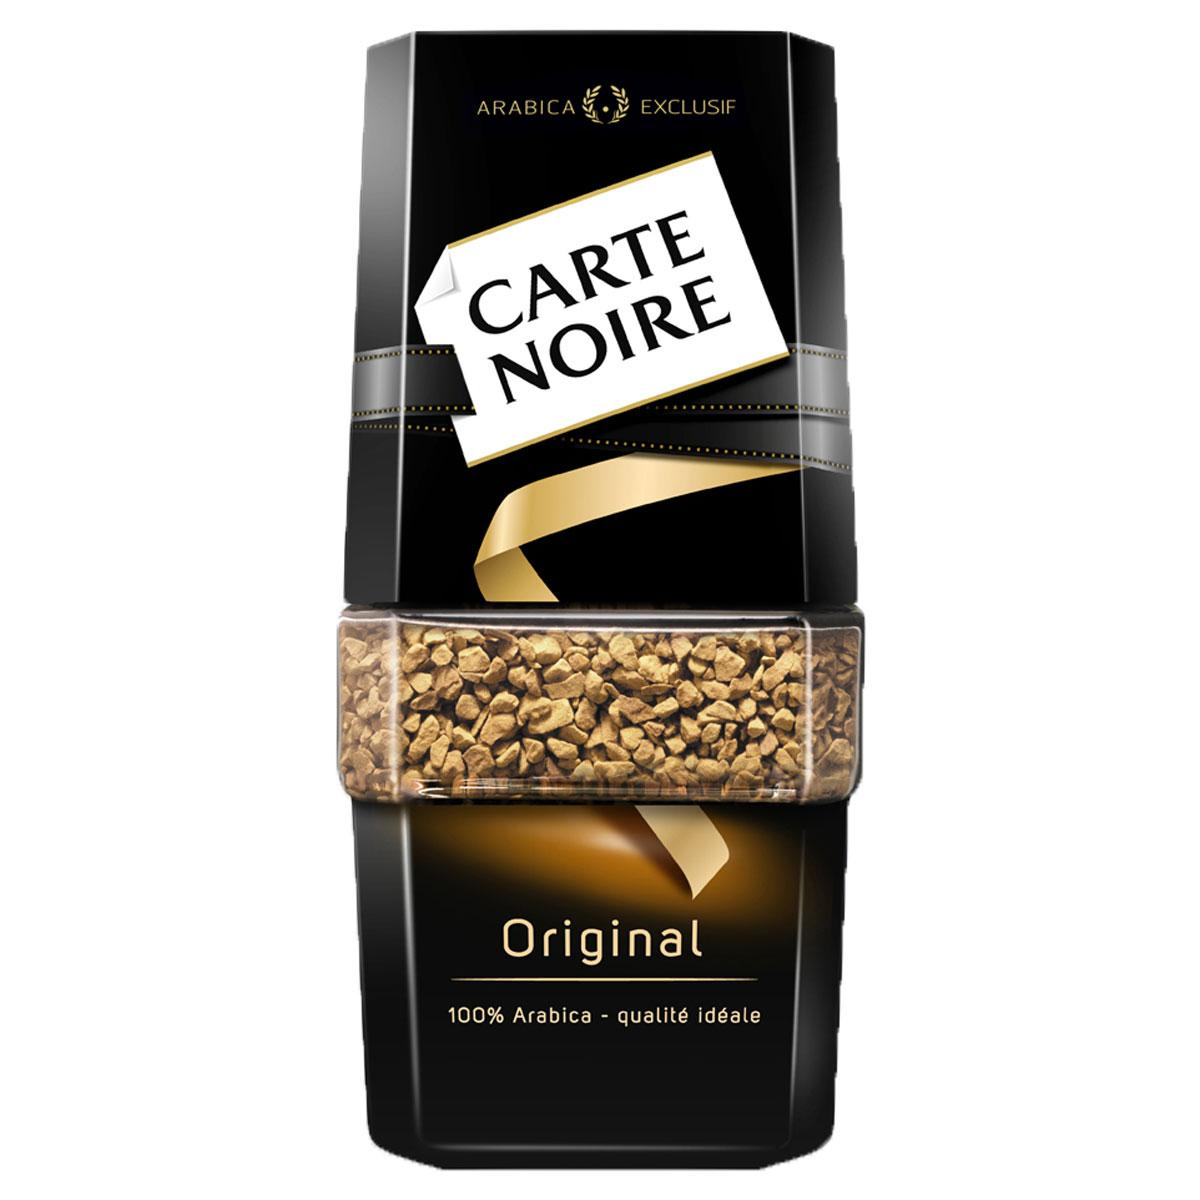 Carte Noire Original кофе растворимый, 47,5 г кофе carte noire карт нуар молотый велюр арабика 250г пакет франция